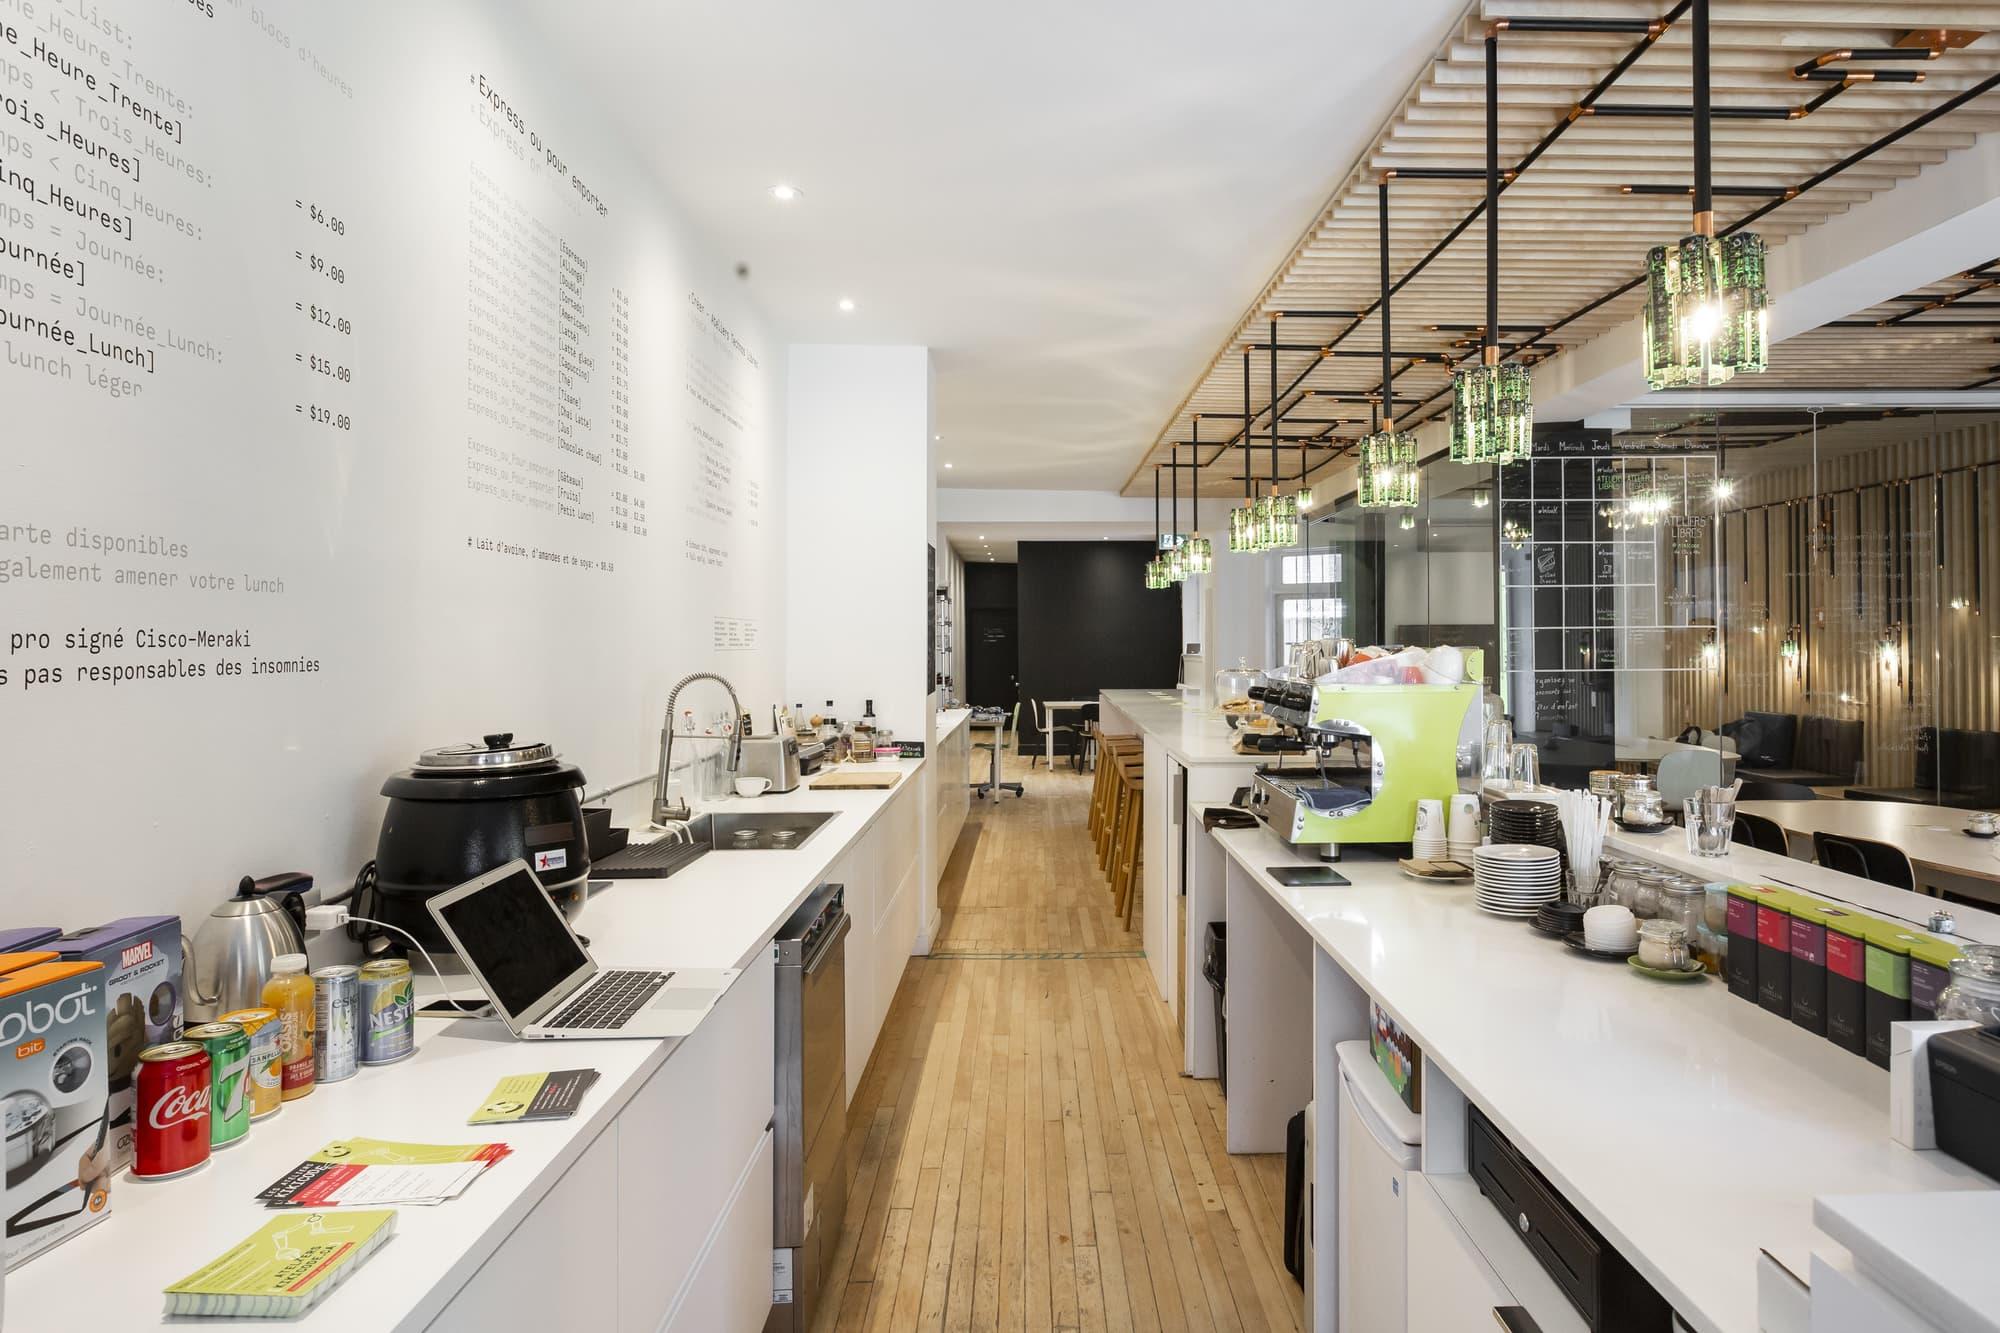 aménagement local commercial pour un café internet avec comptoirs de préparation